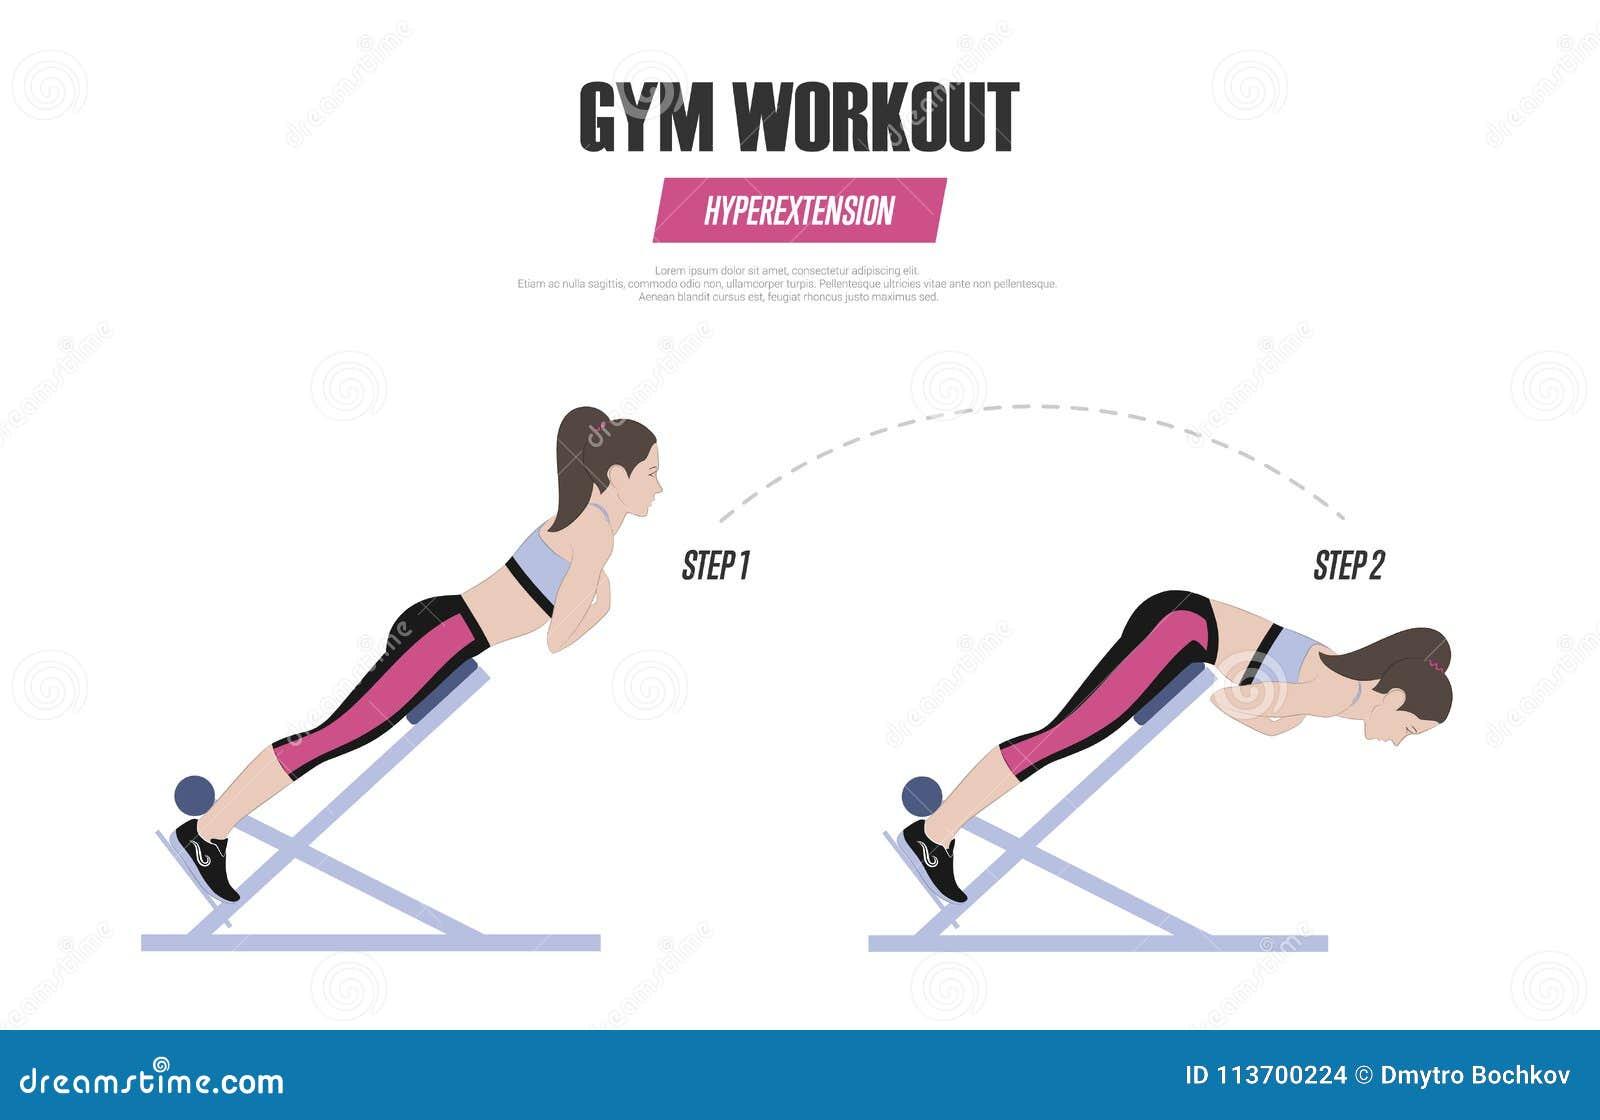 Exercices Sportifs Seance D Entrainement De Gymnase Hyperextension Sur La Chaise Romaine Illustration Un Vecteur